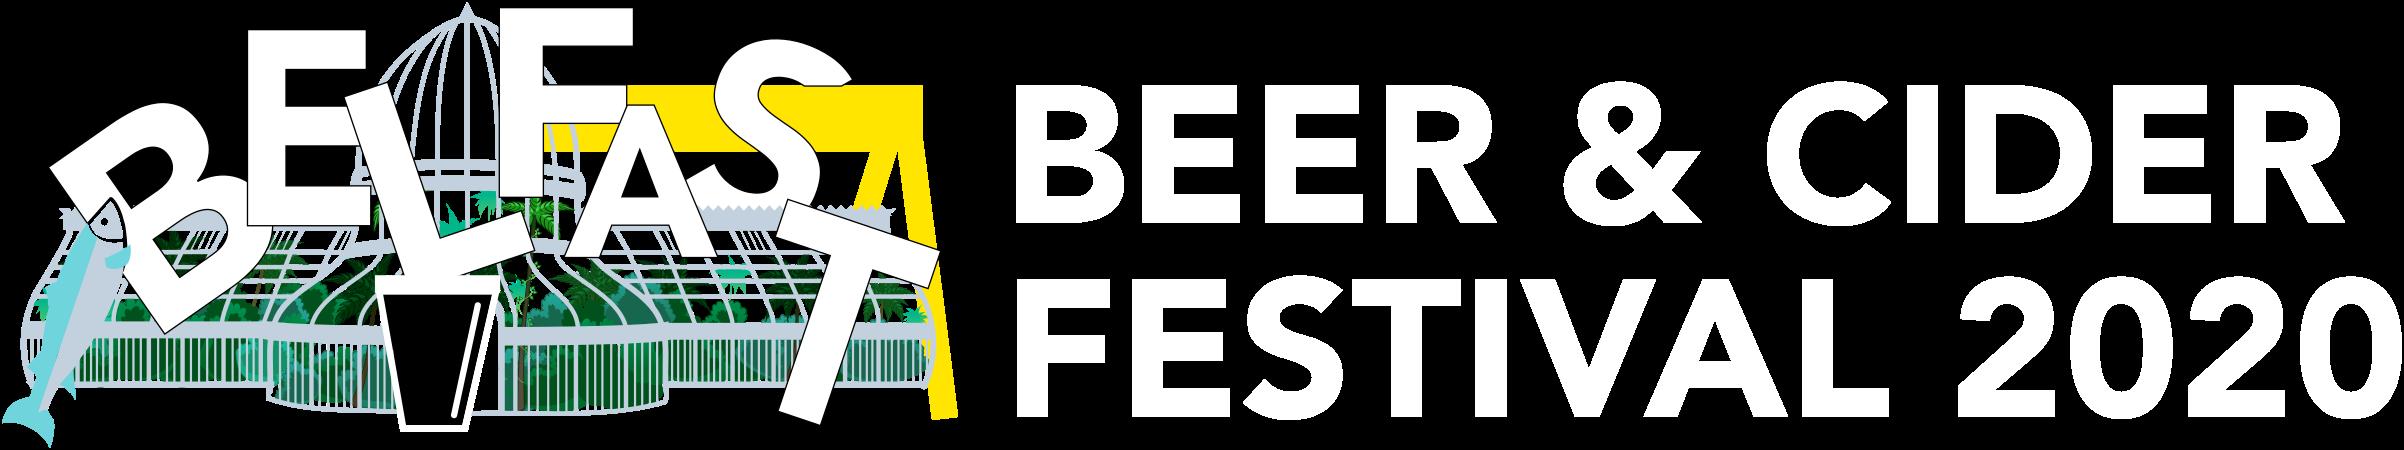 Belfast Beer & Cider Festival